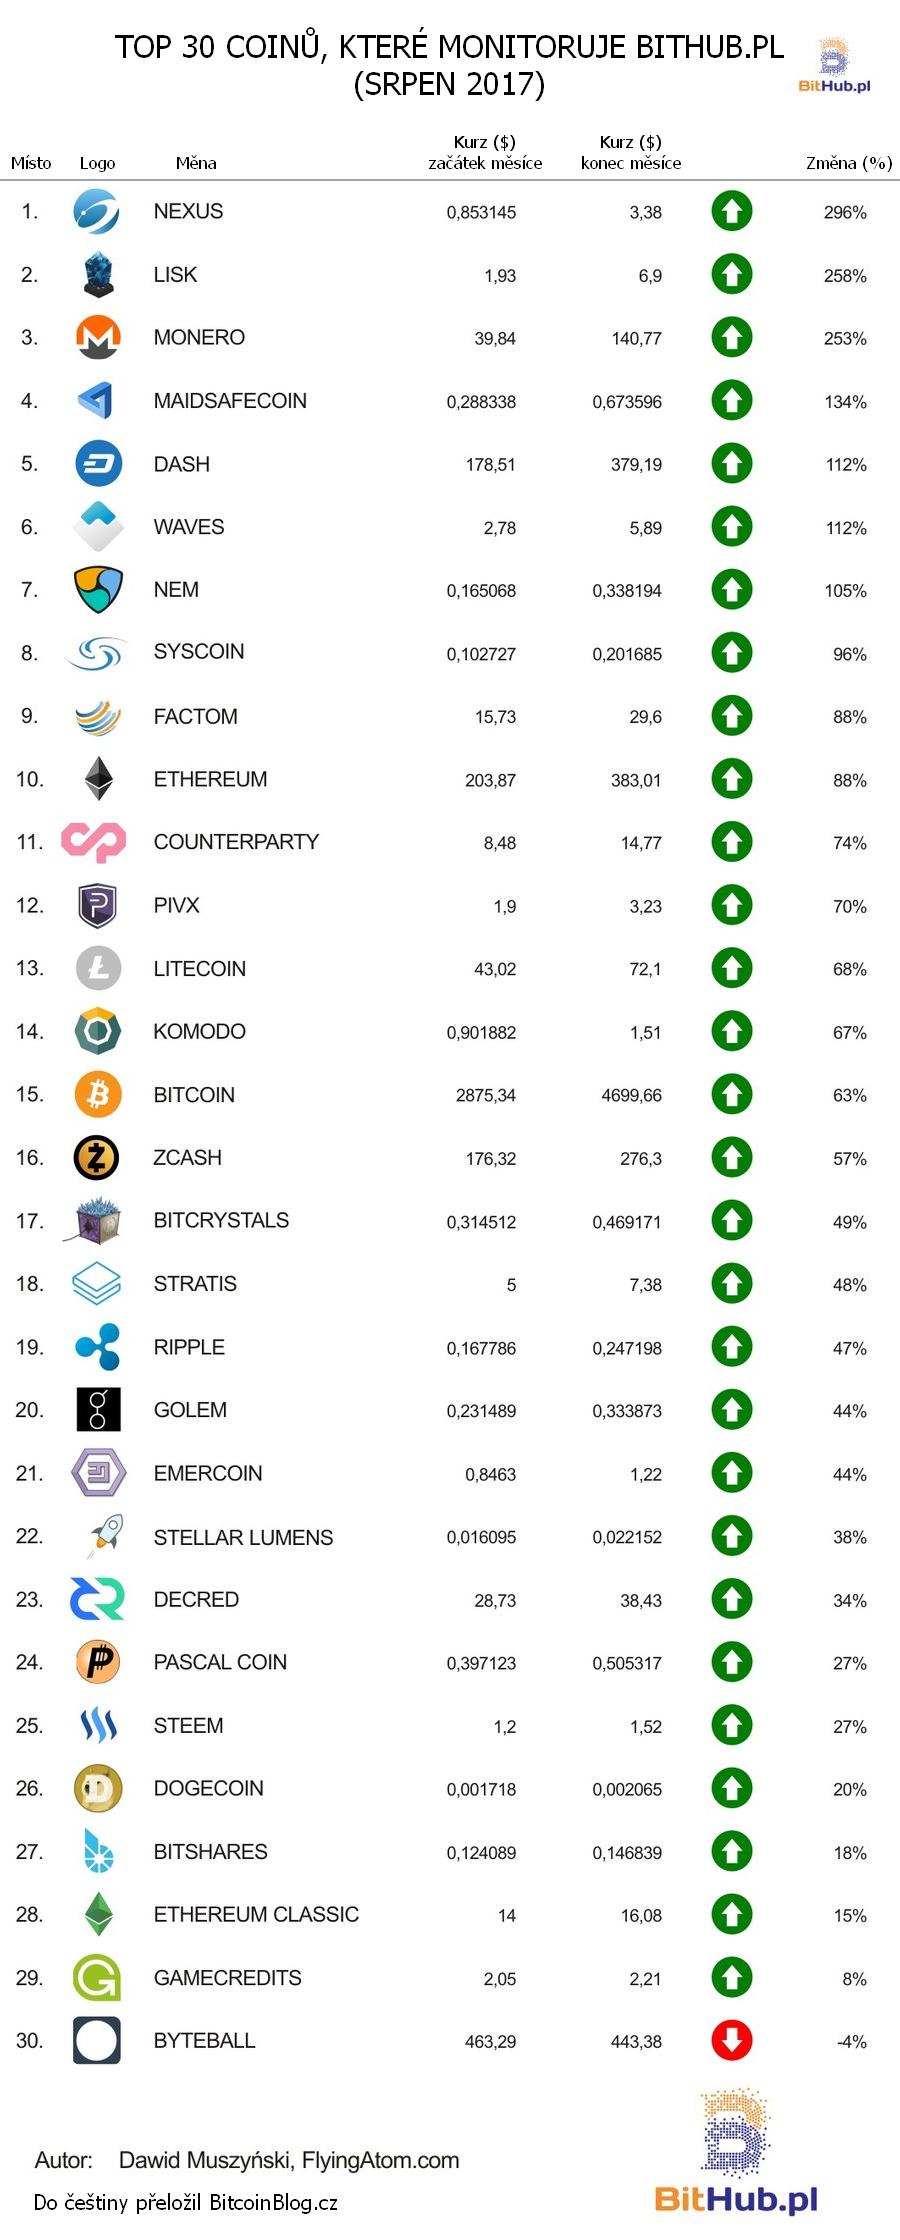 Tabulka: Top 30 coinů, které monitoruje BitHub.pl (srpen 2017)